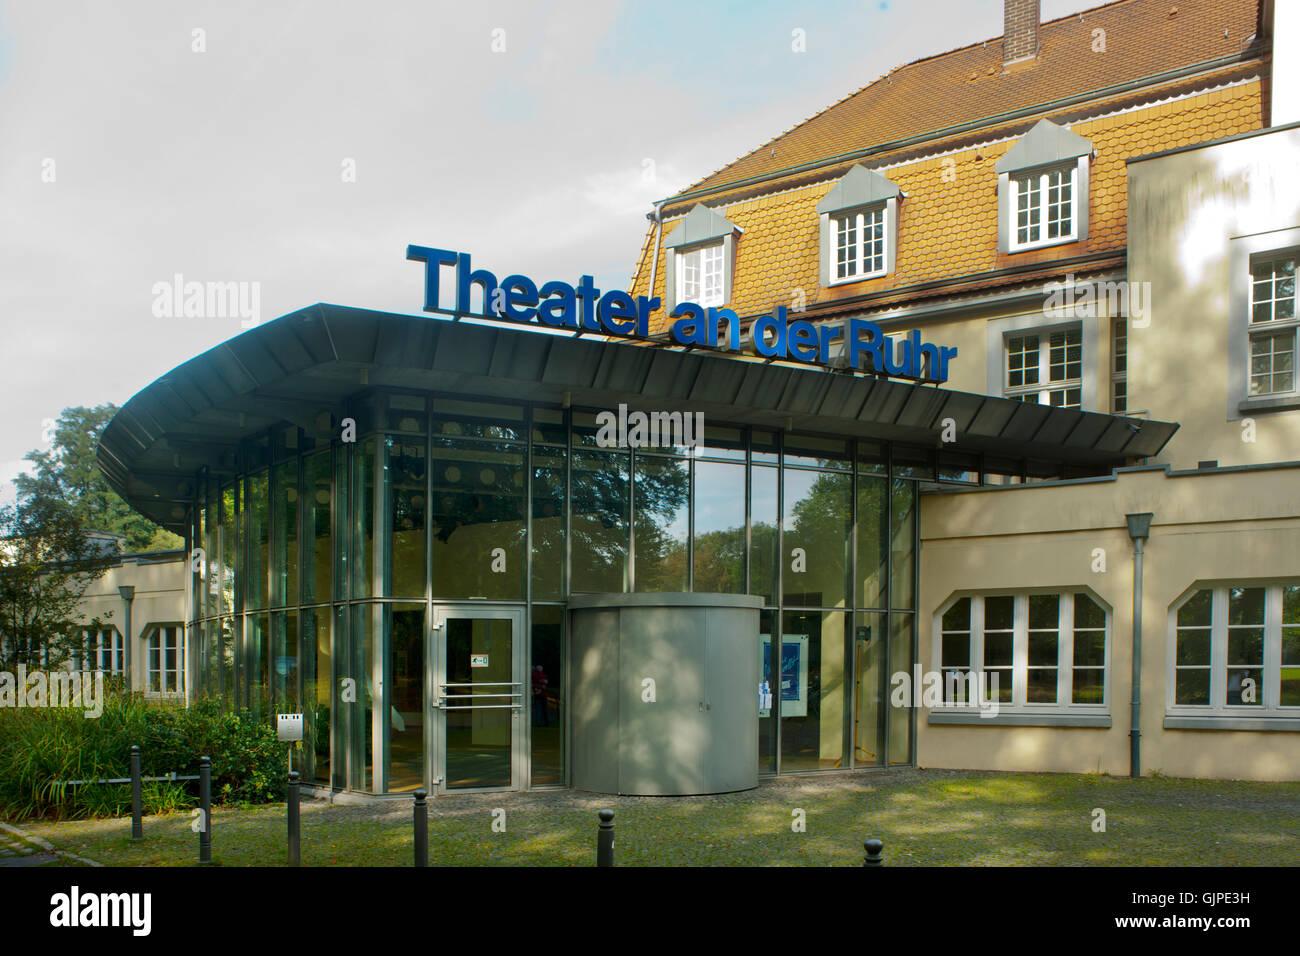 Deutschland, Nordrhein-Westfalen, Mühlheim an der Ruhr, Theater an der Ruhr - Stock Image